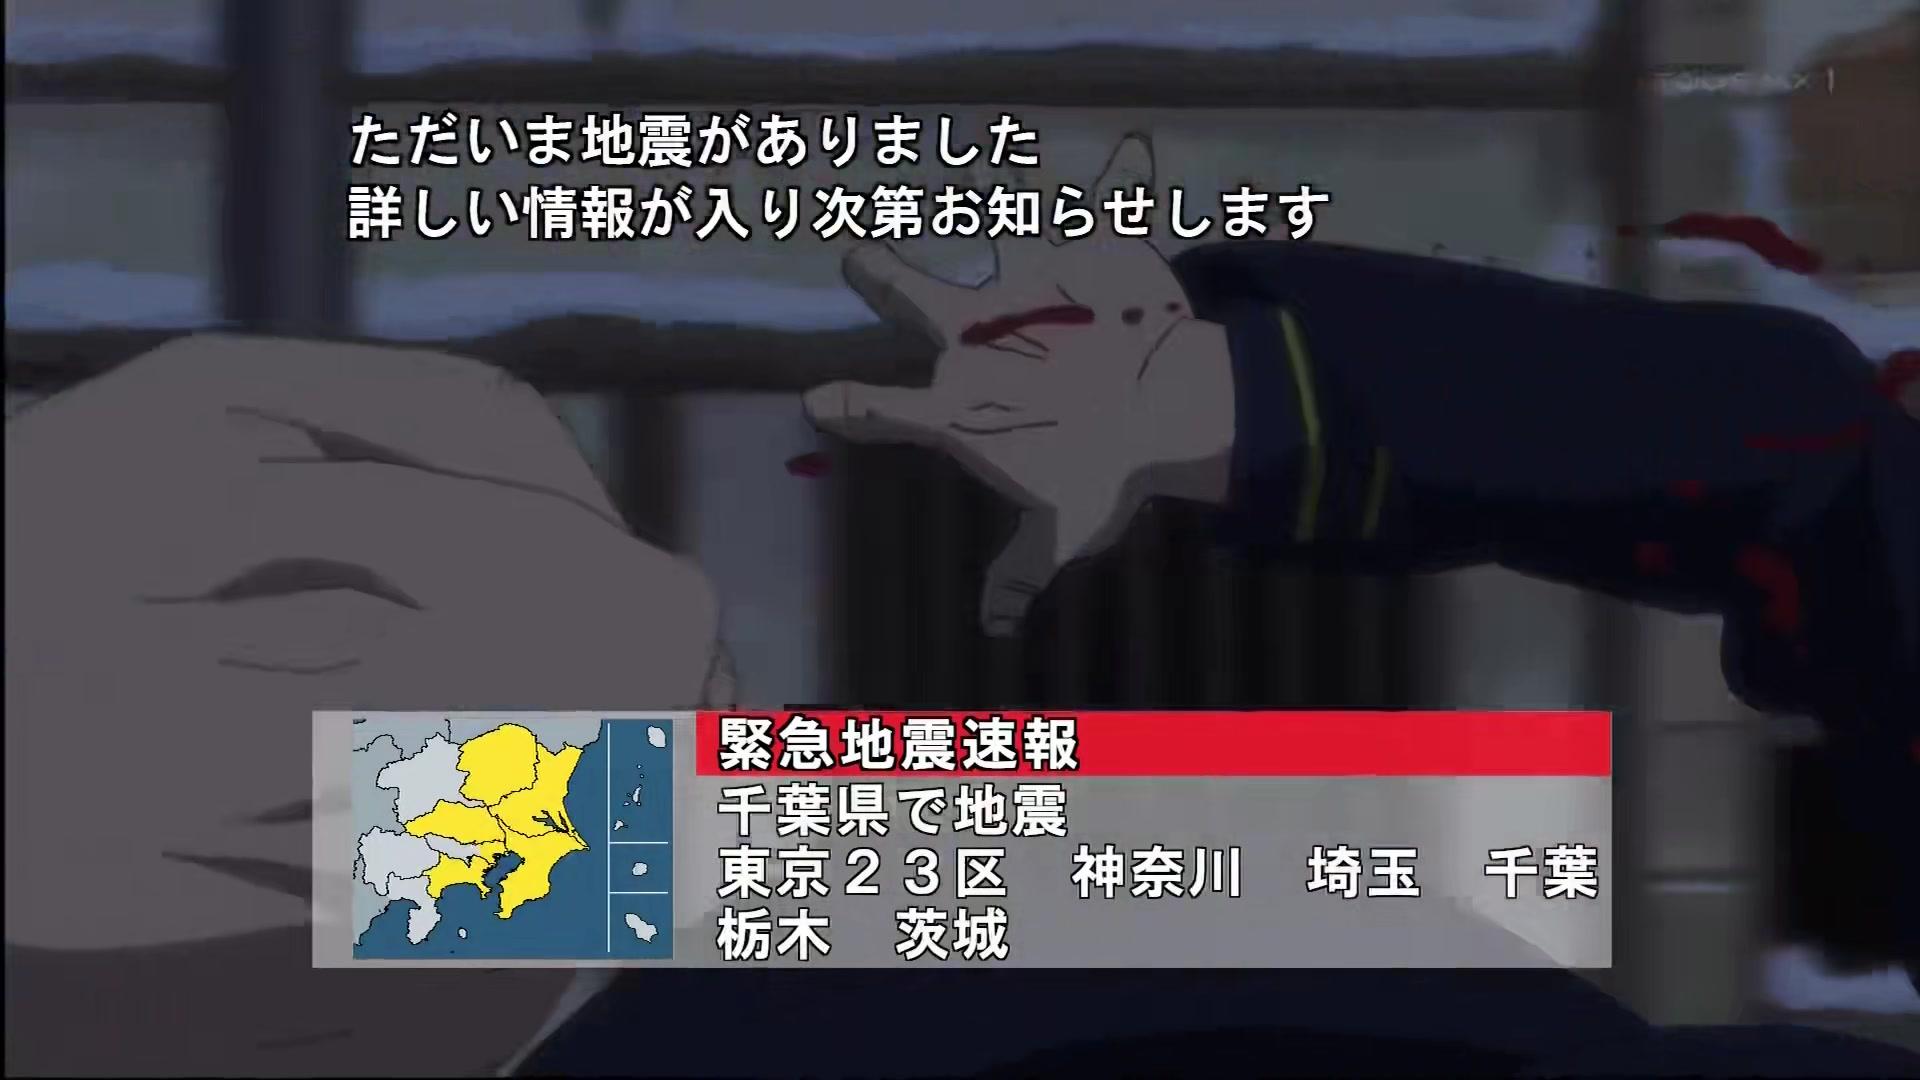 情報 緊急 地震